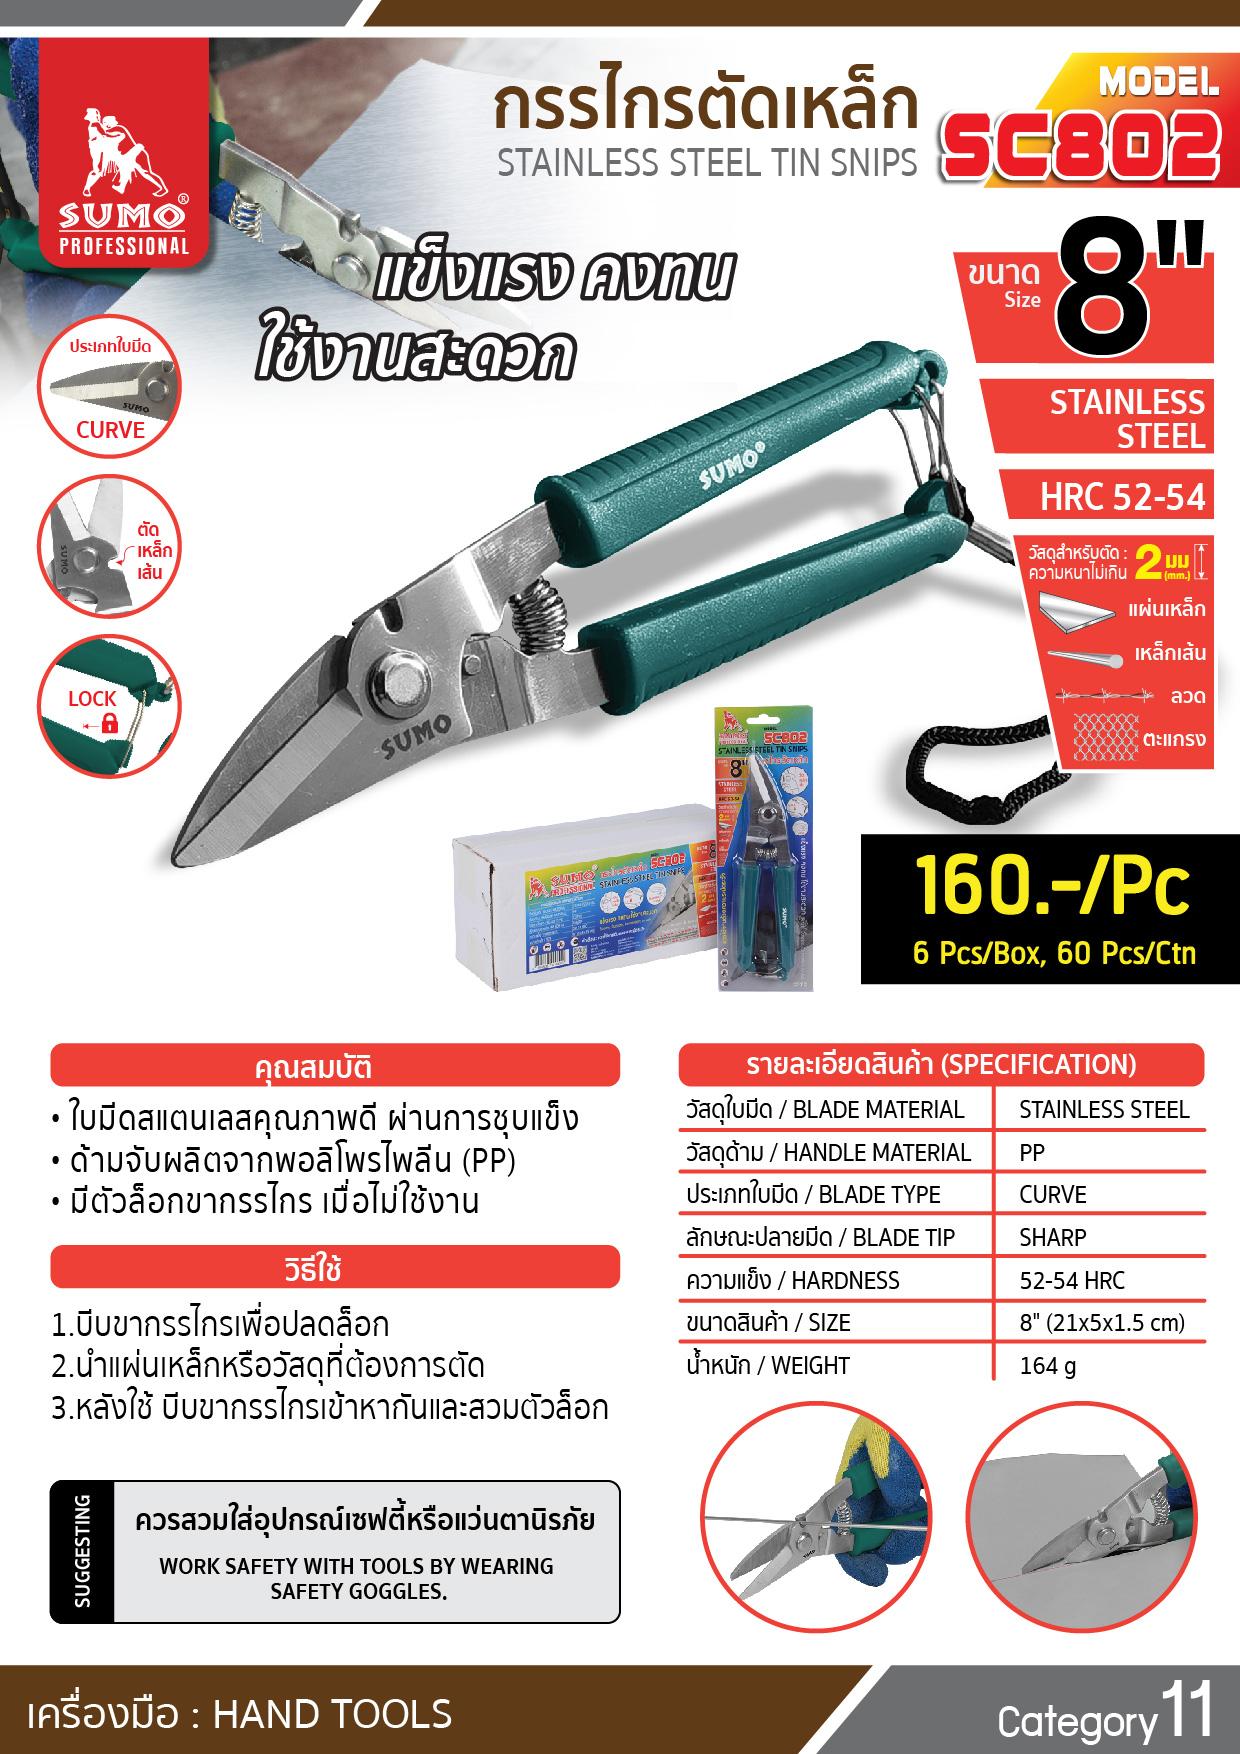 (6/31) กรรไกรตัดเหล็ก SC802